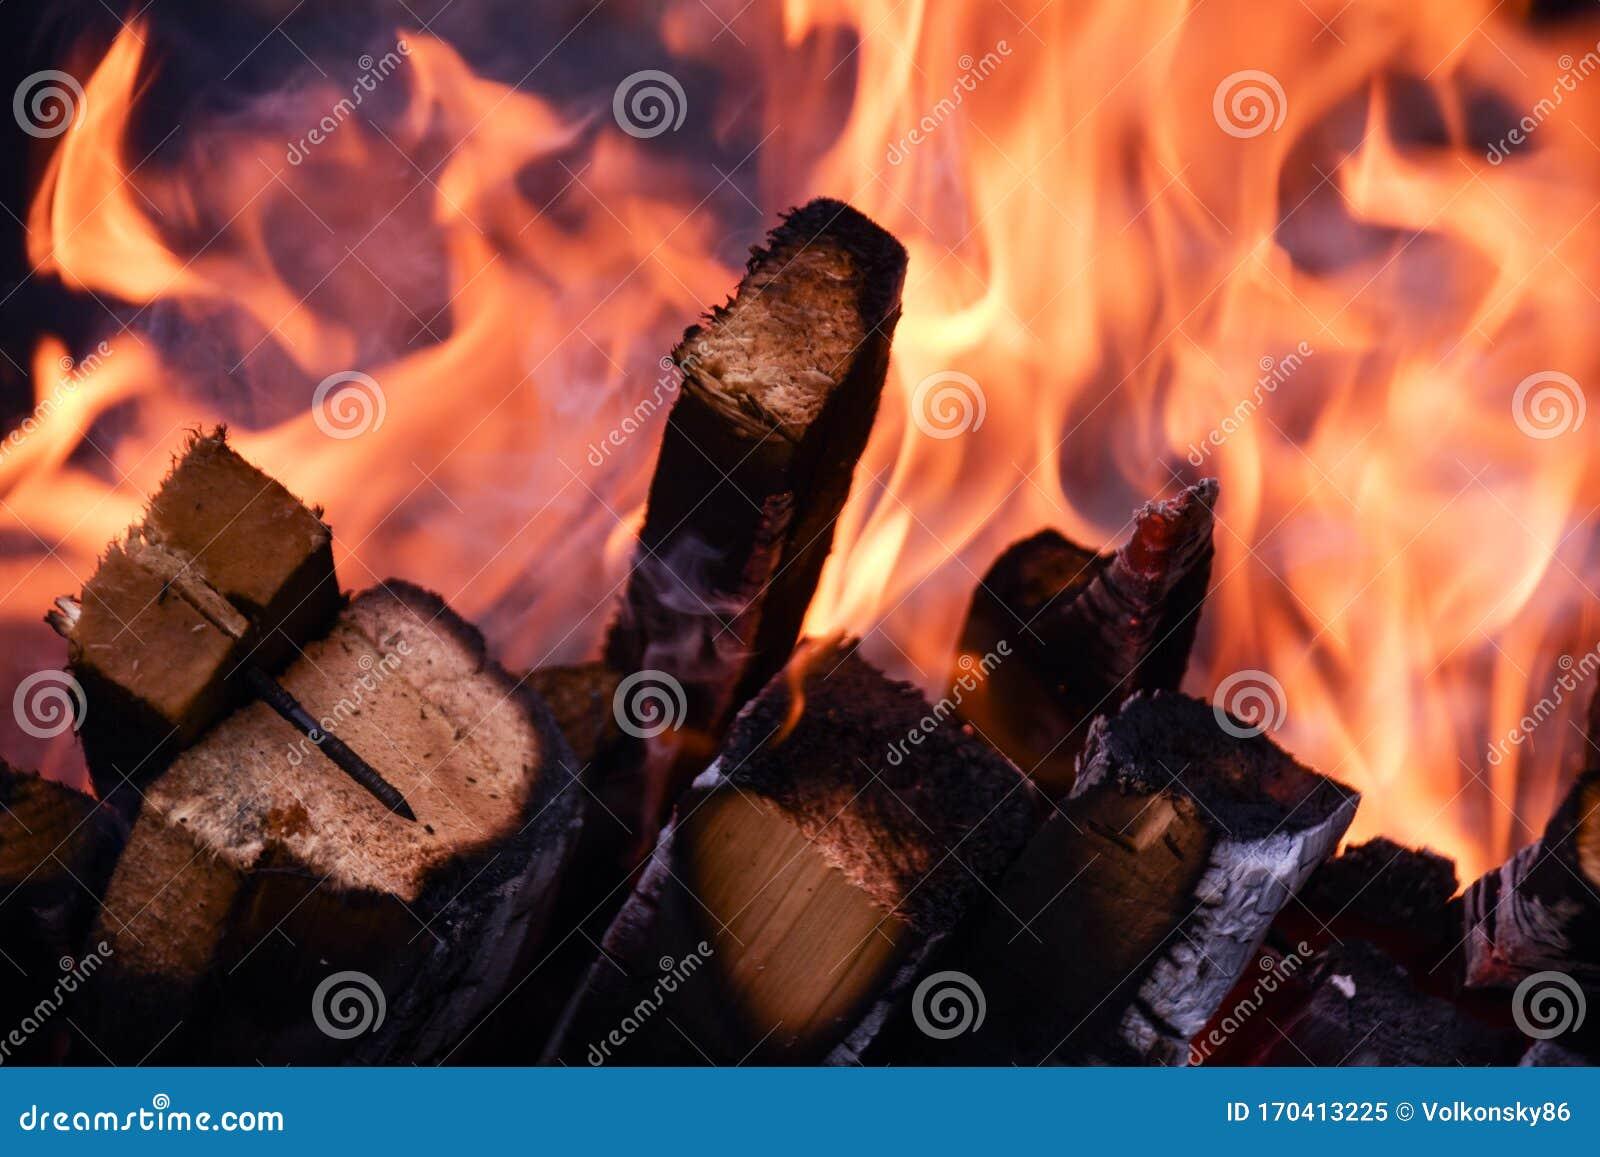 Poți simți că ard grăsime